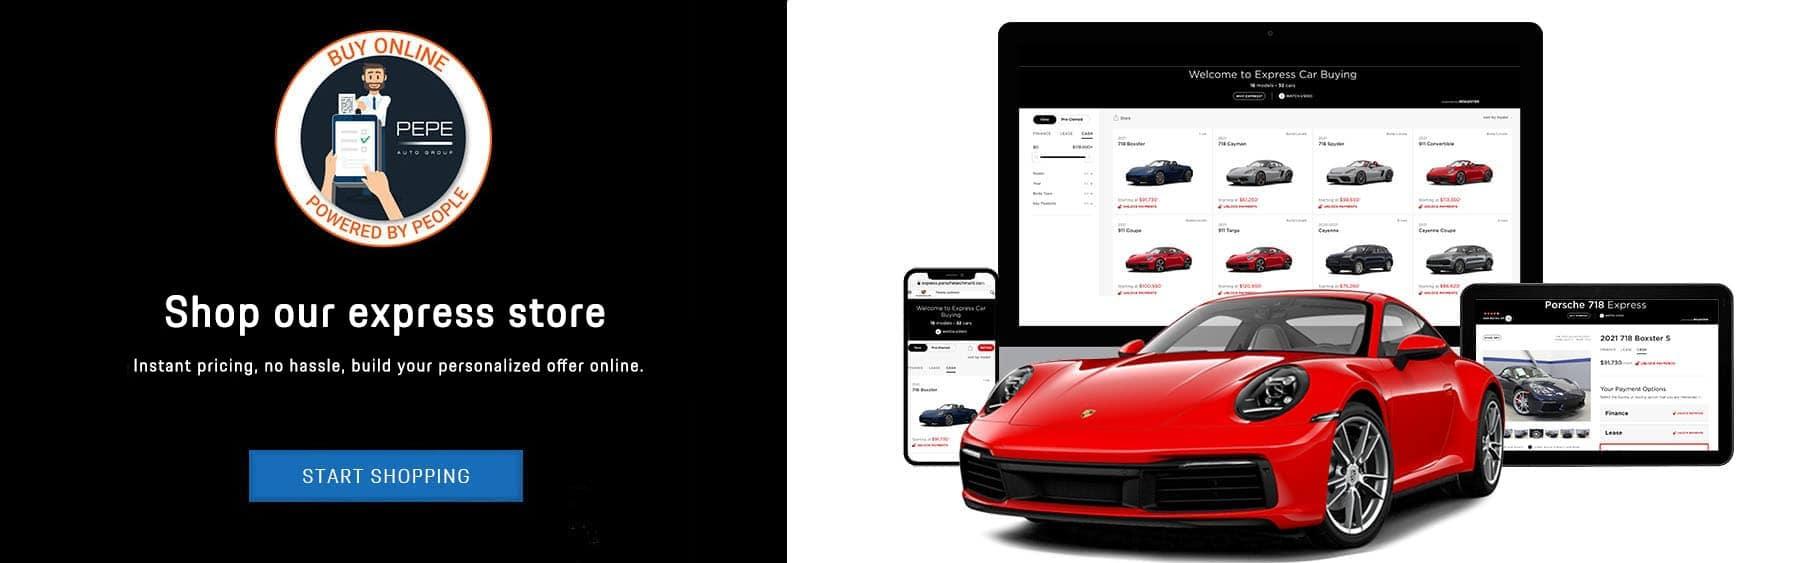 Porsche express banner